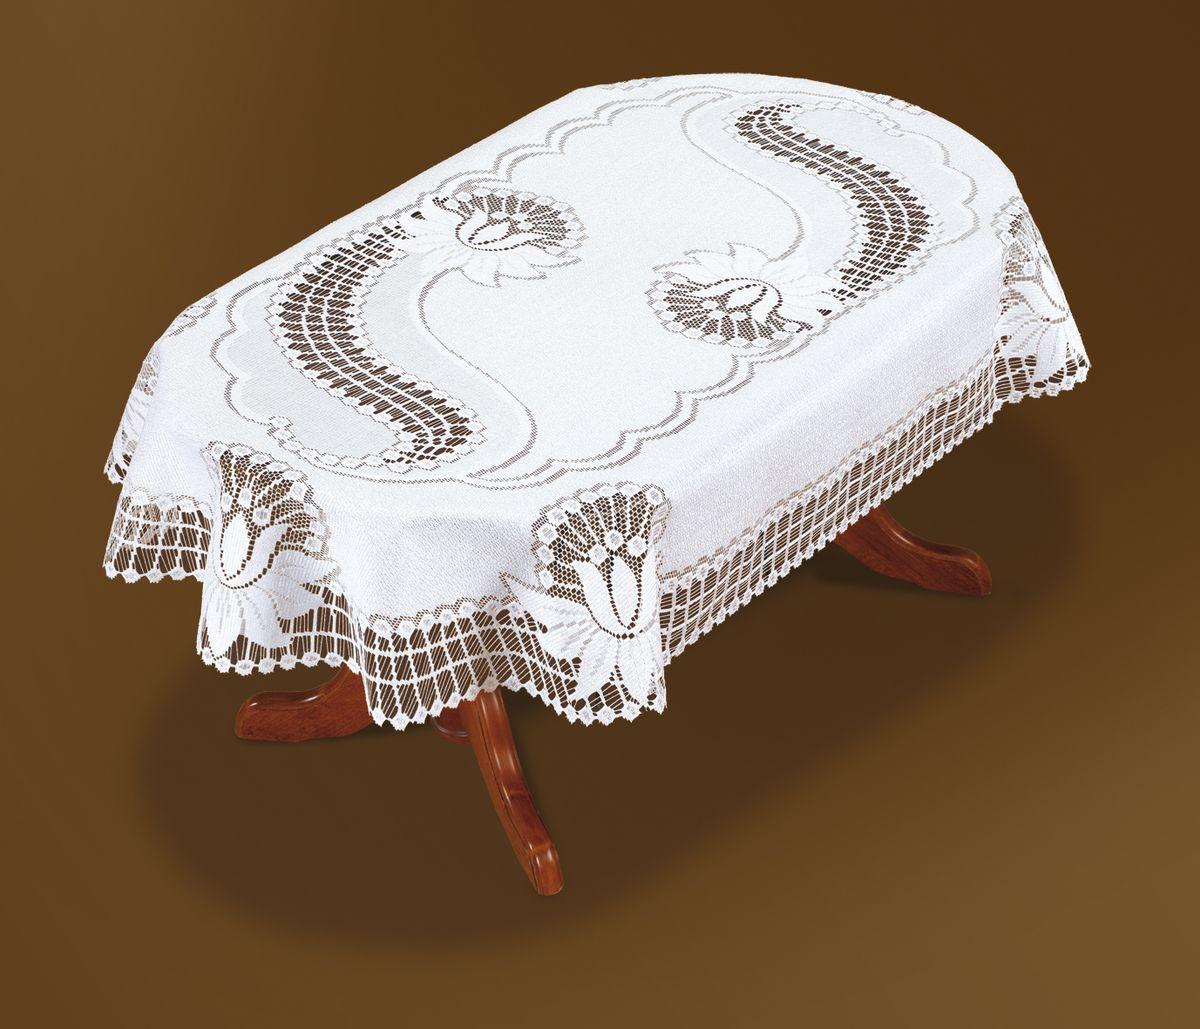 Скатерть Haft, овальная, цвет: белый, 170x 110 см. 46081-11046081-110Великолепная овальная скатерть Haft, выполненная из полиэстера, органично впишется в интерьер любого помещения, а оригинальный дизайн удовлетворит даже самый изысканный вкус. Скатерть изготовлена из сетчатого материала с ажурным рисунком. Края скатерти закруглены.Скатерть Haft создаст праздничное настроение и станет прекрасным дополнением интерьера гостиной, кухни или столовой.